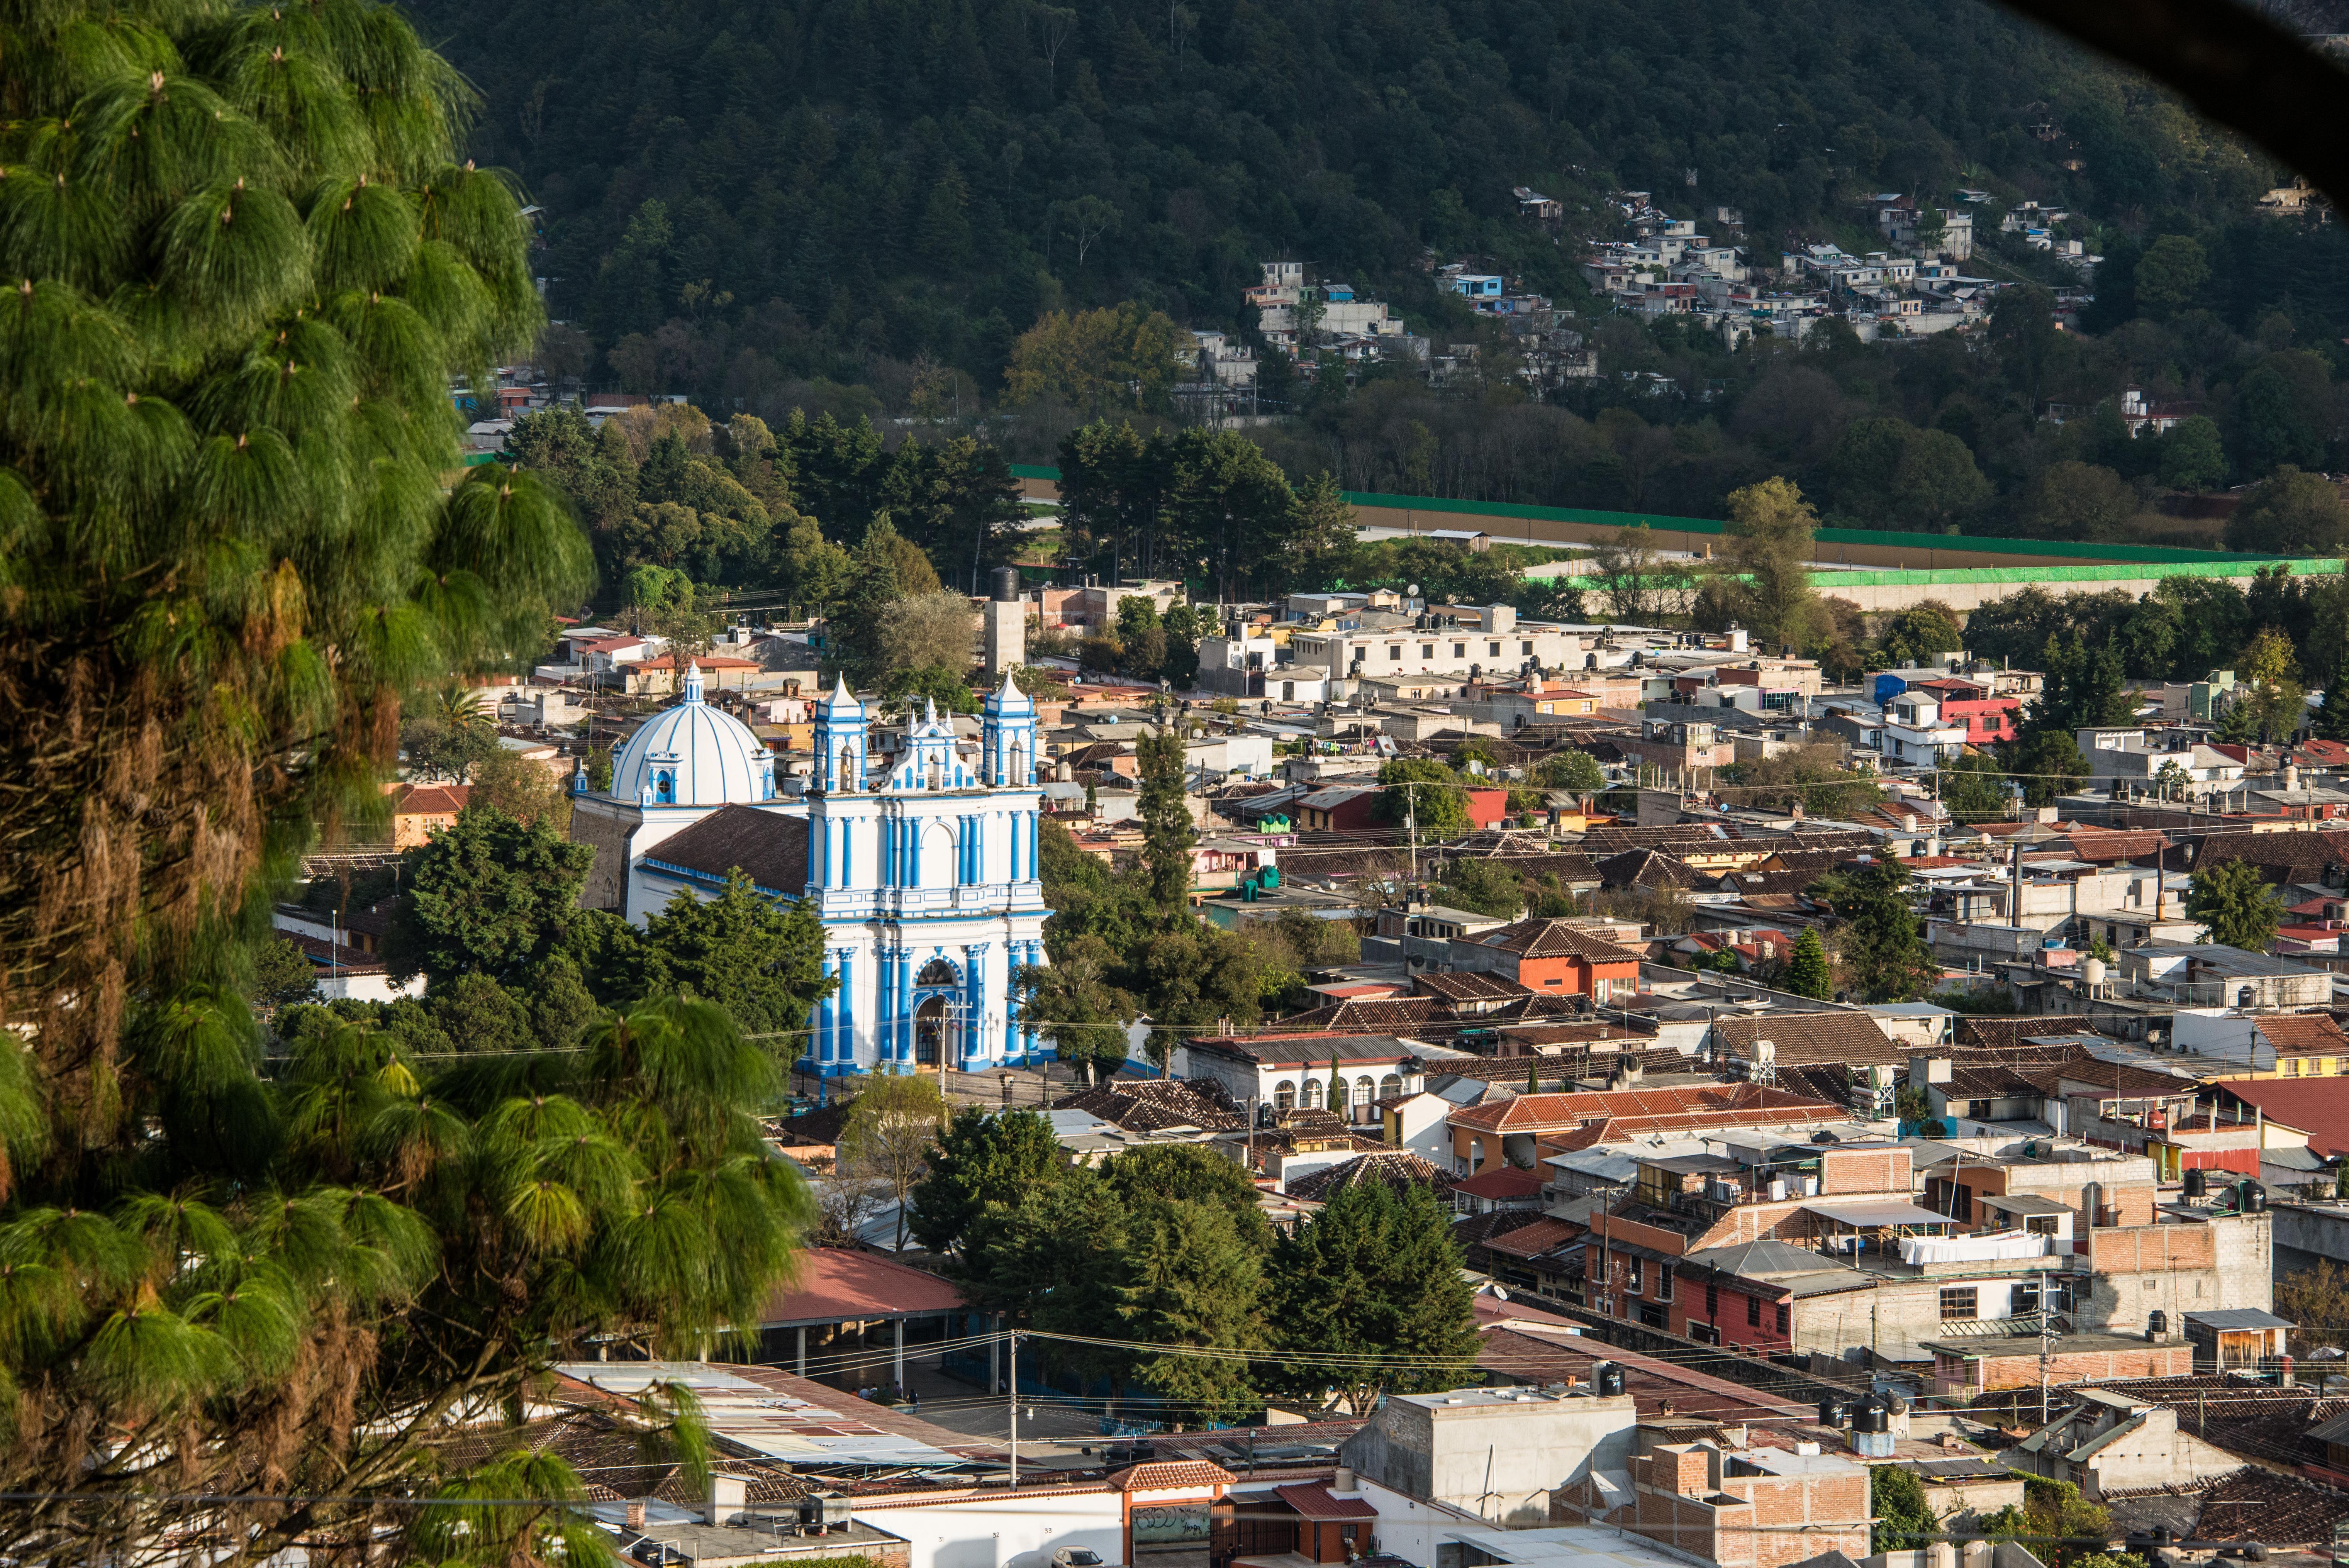 How to Spend 1 Day in San Cristóbal de las Casas